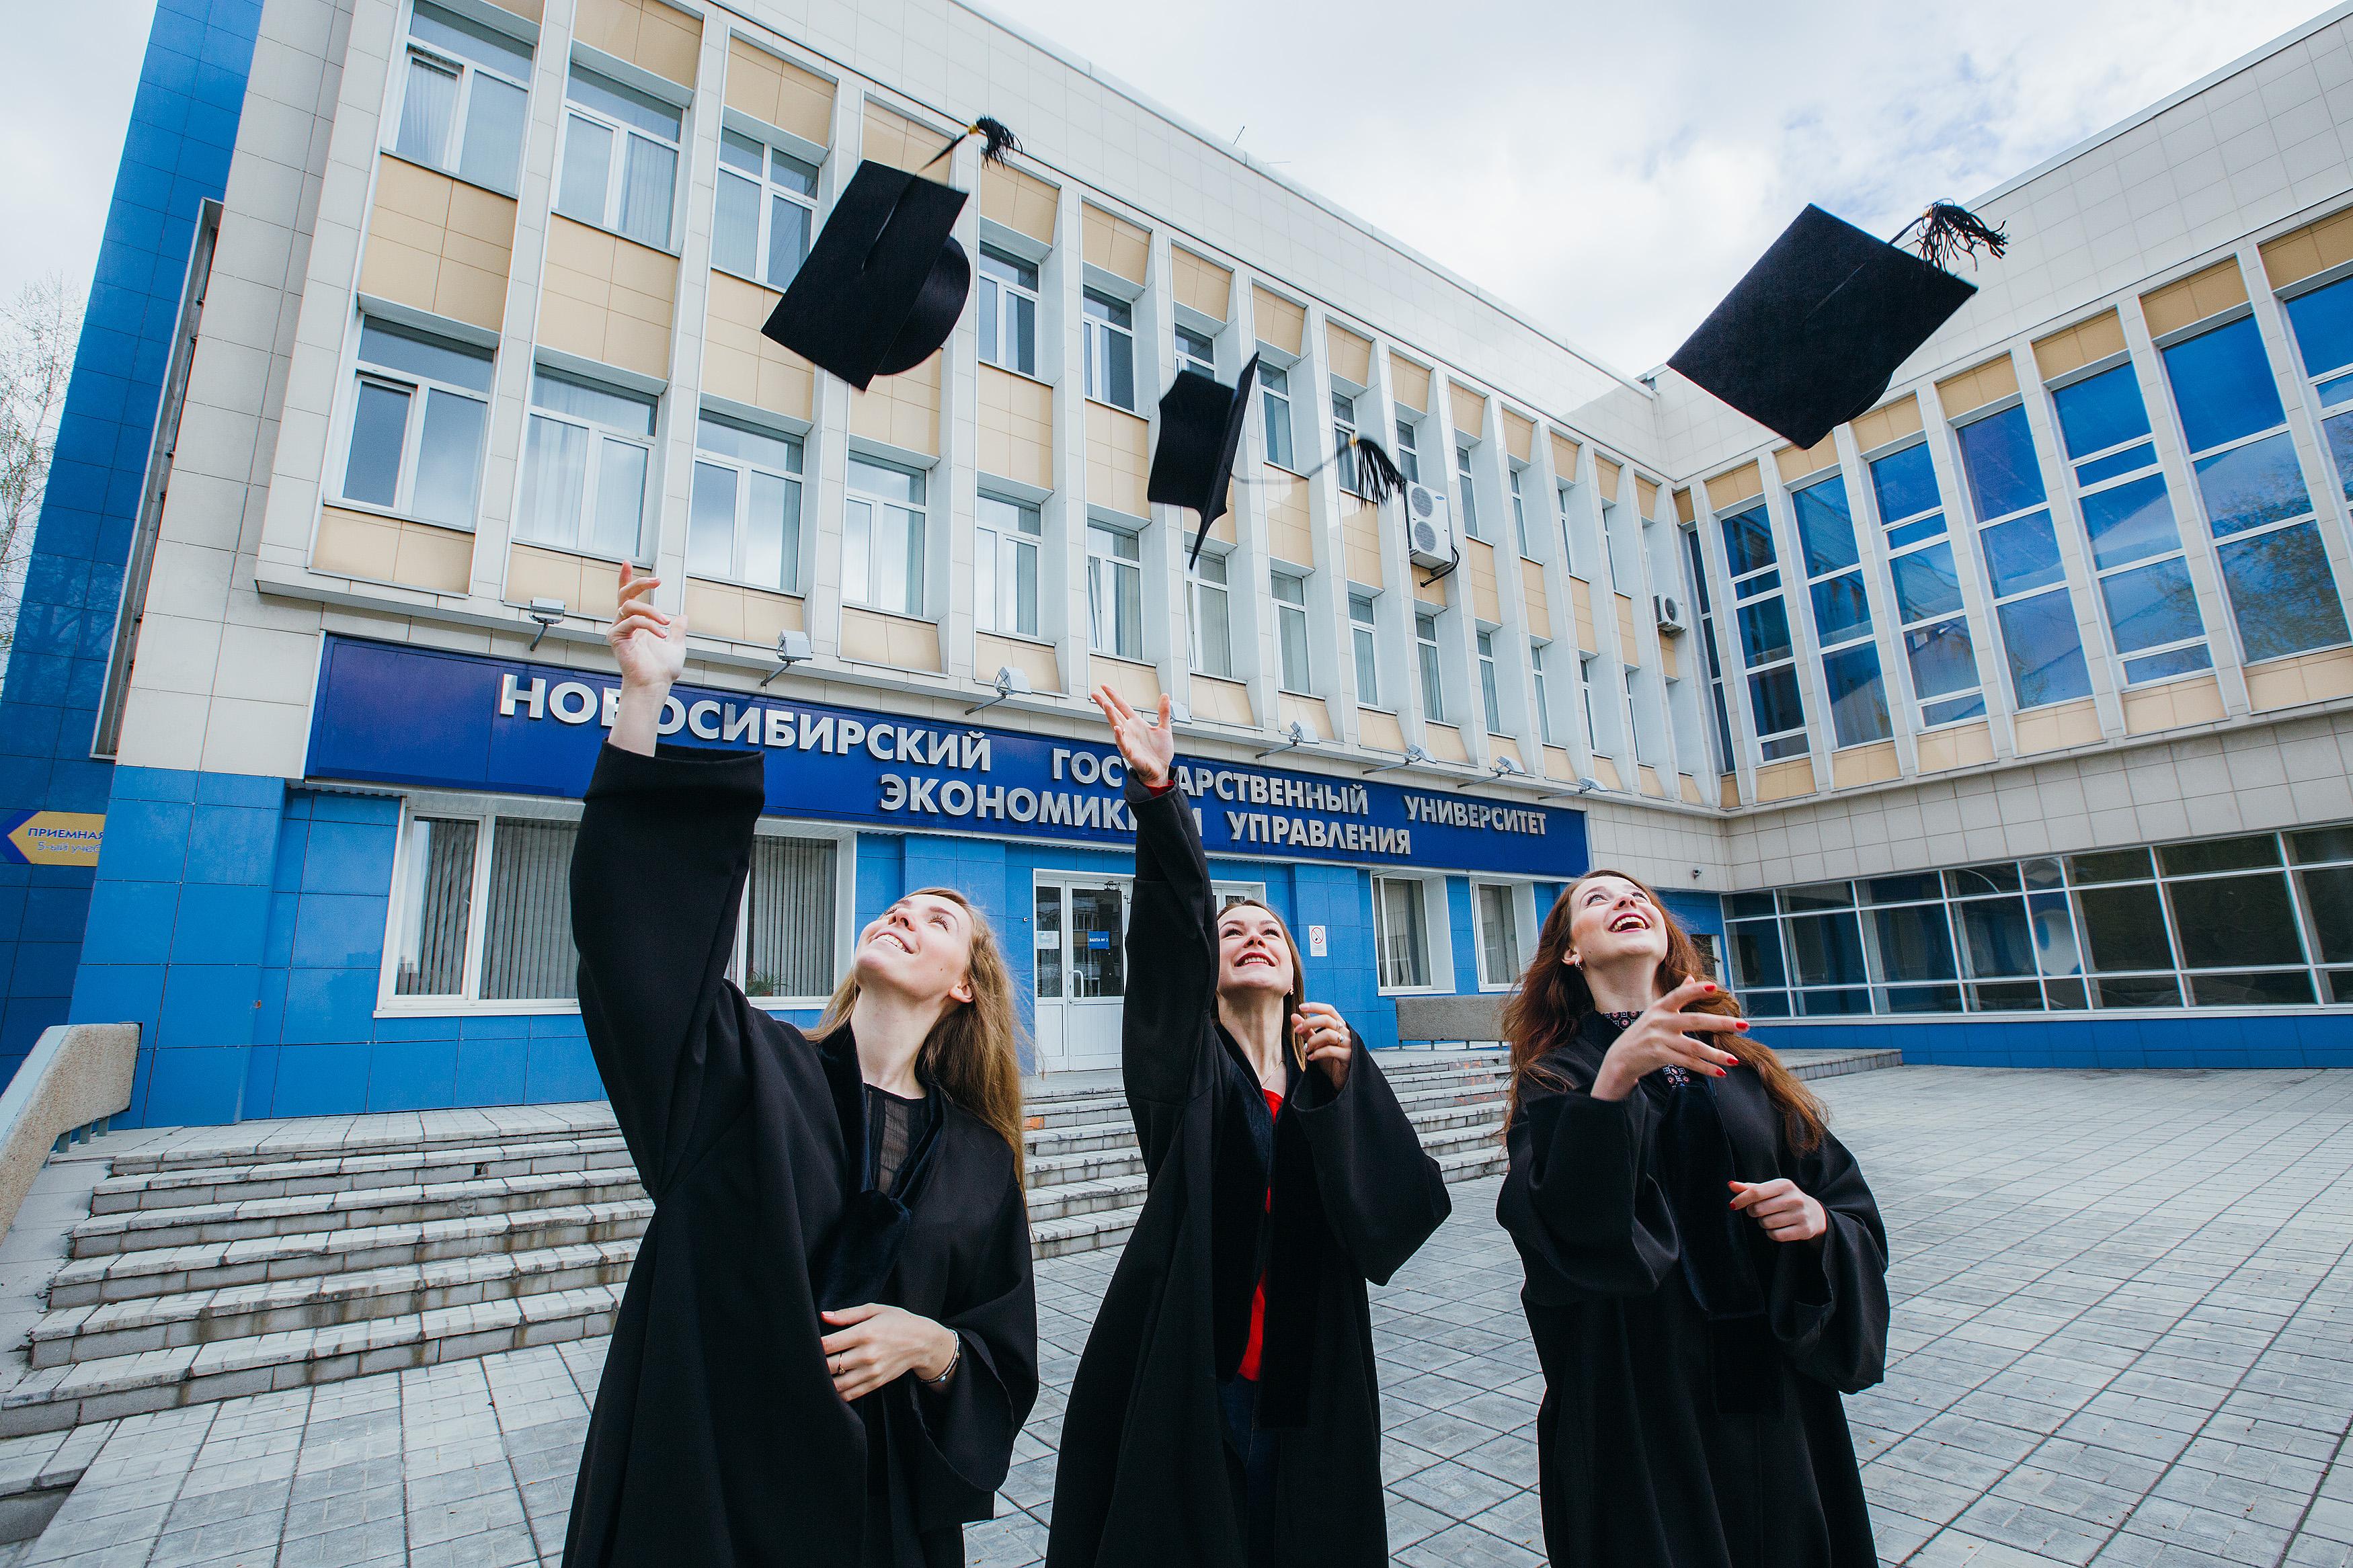 Высшее образование после пандемии: цифровое будущее или сохранение традиций?